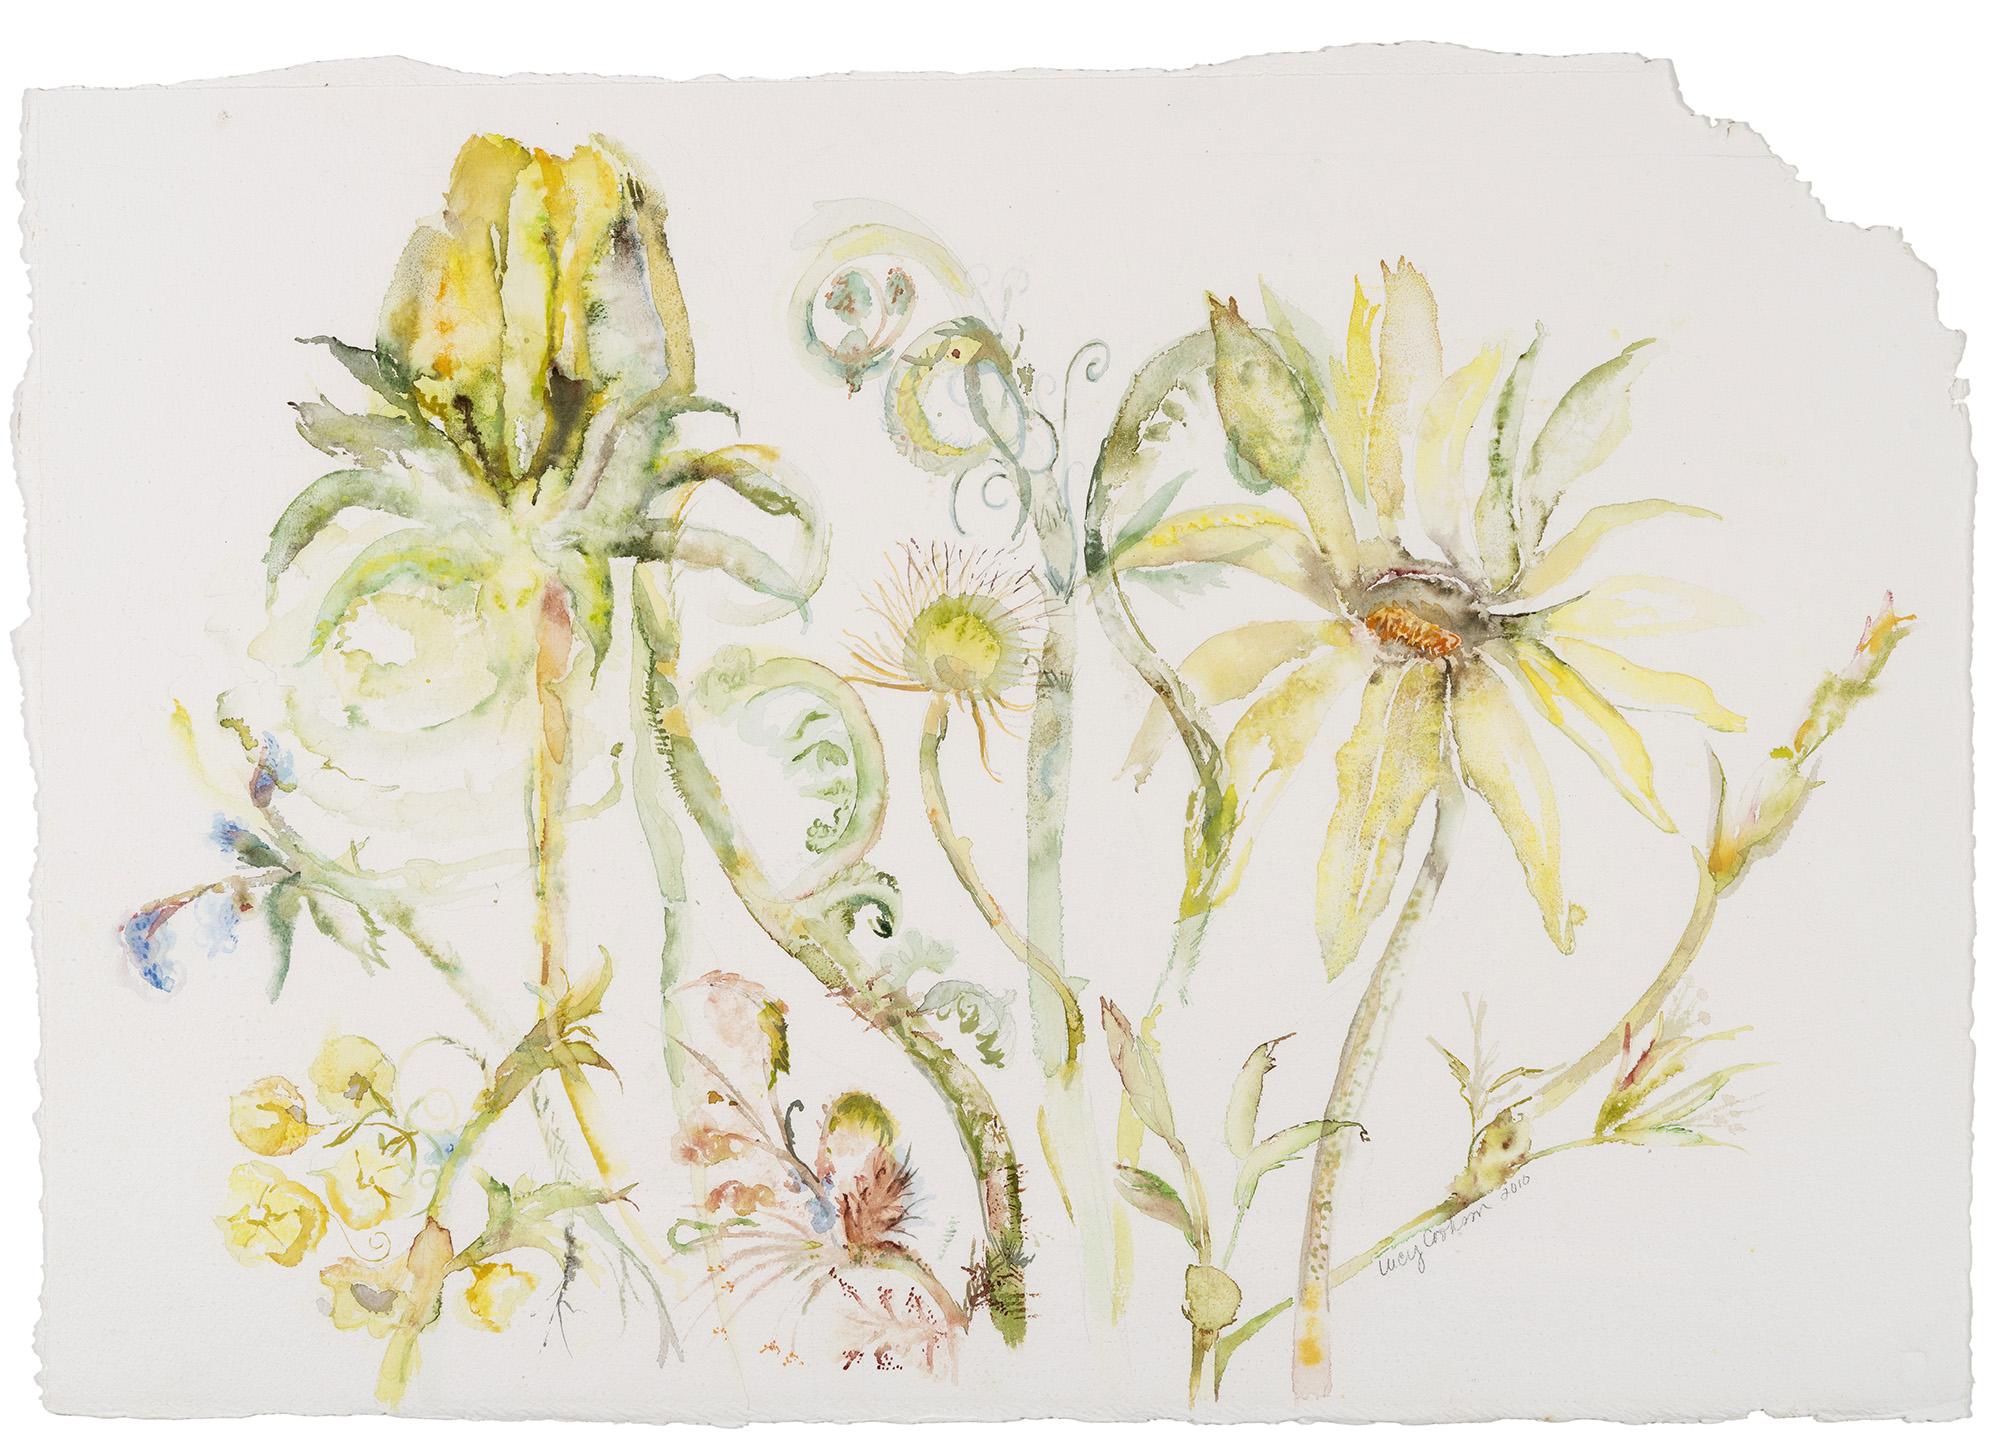 Deena's Calypso, 2010, Watercolor on paper, 38 x 40 in.